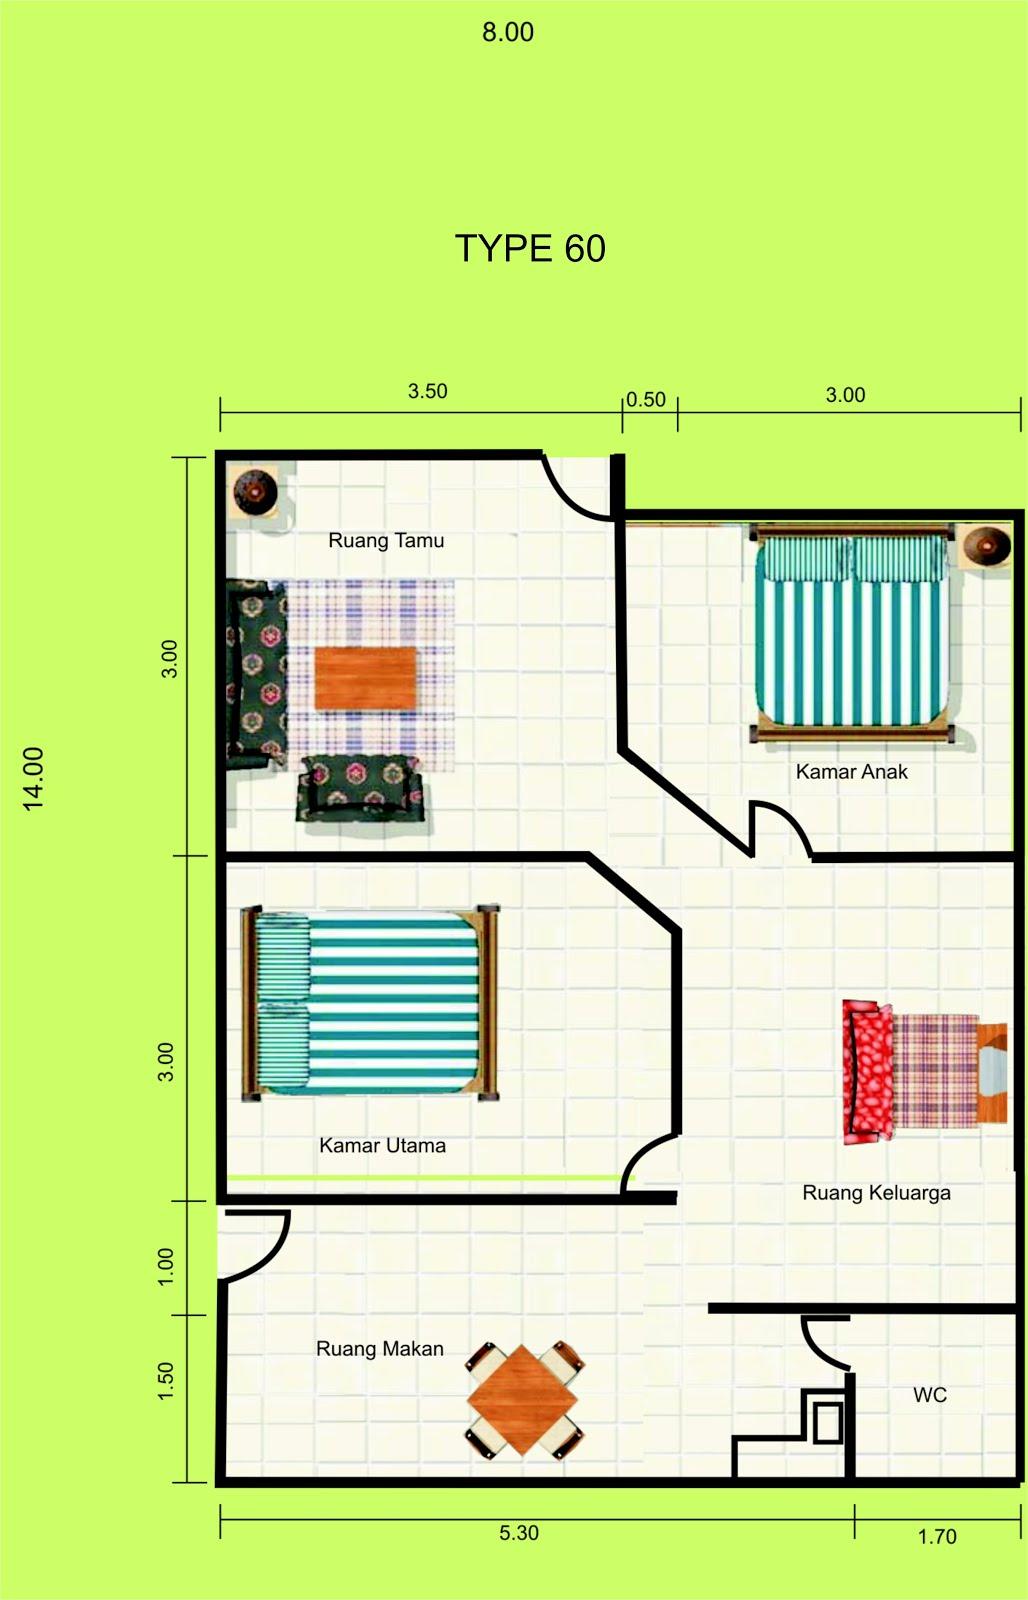 65 Desain Rumah Minimalis Ukuran 8x20 | Desain Rumah Minimalis Terbaru